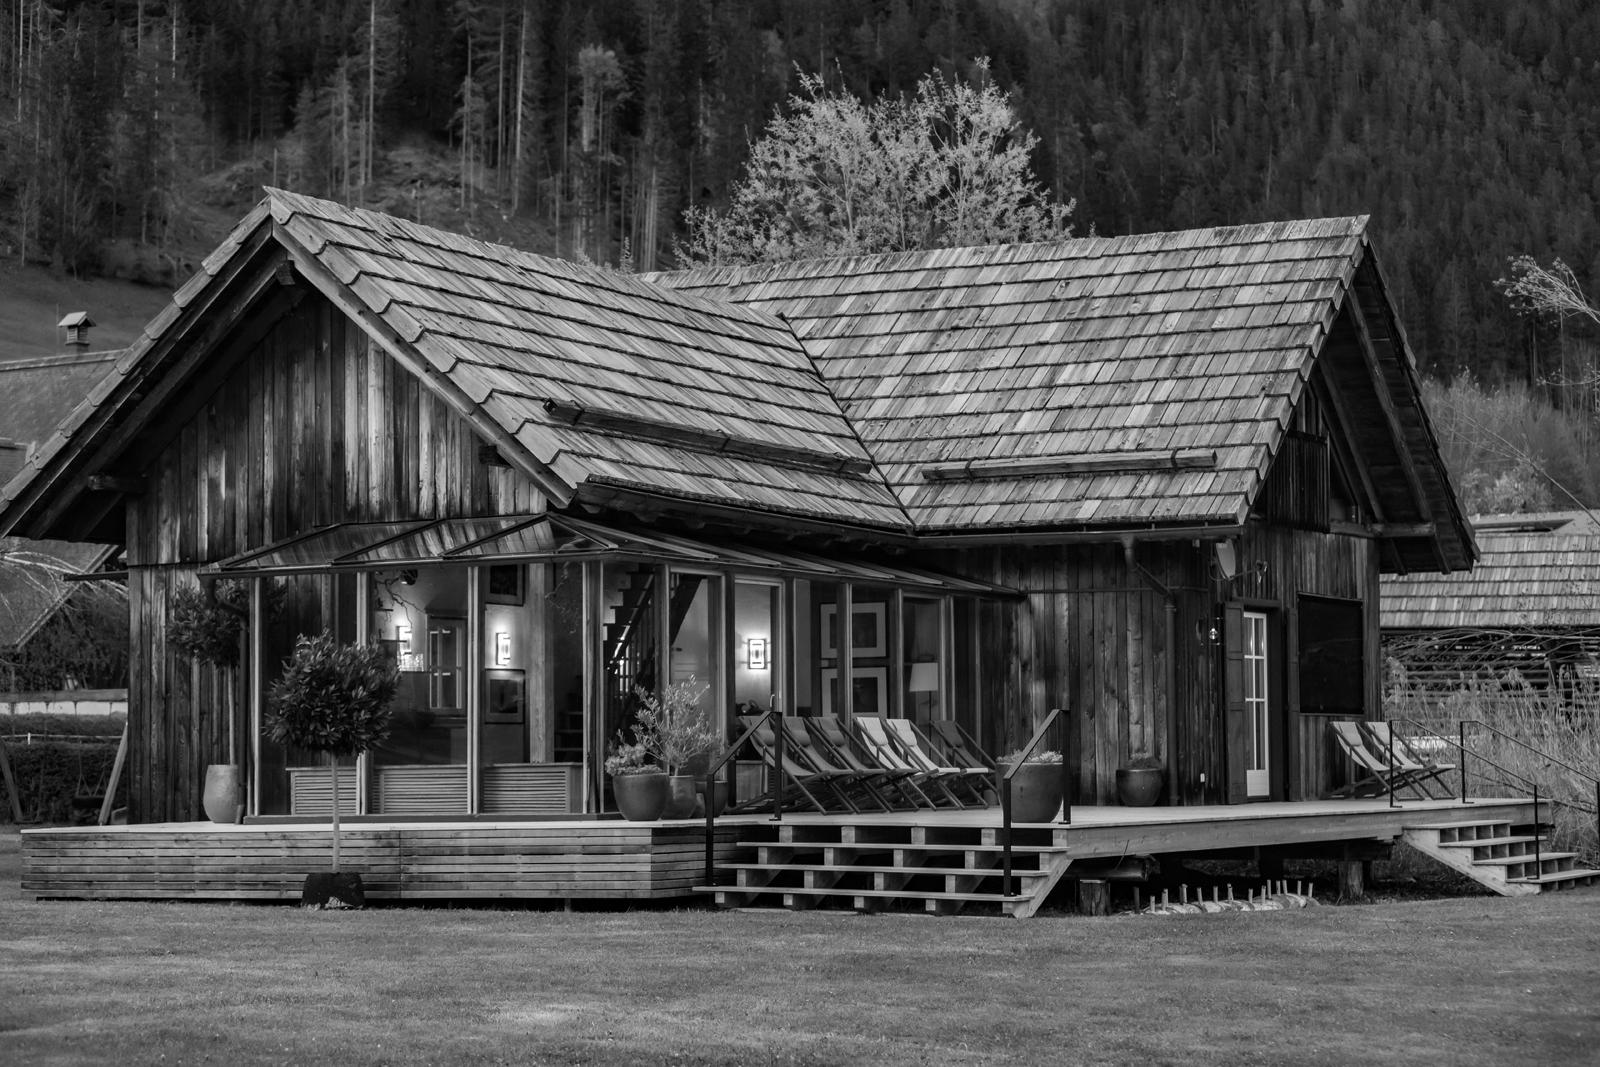 Das Gralhof Saunahaus vom Weissensee-Steg schwarzweiss